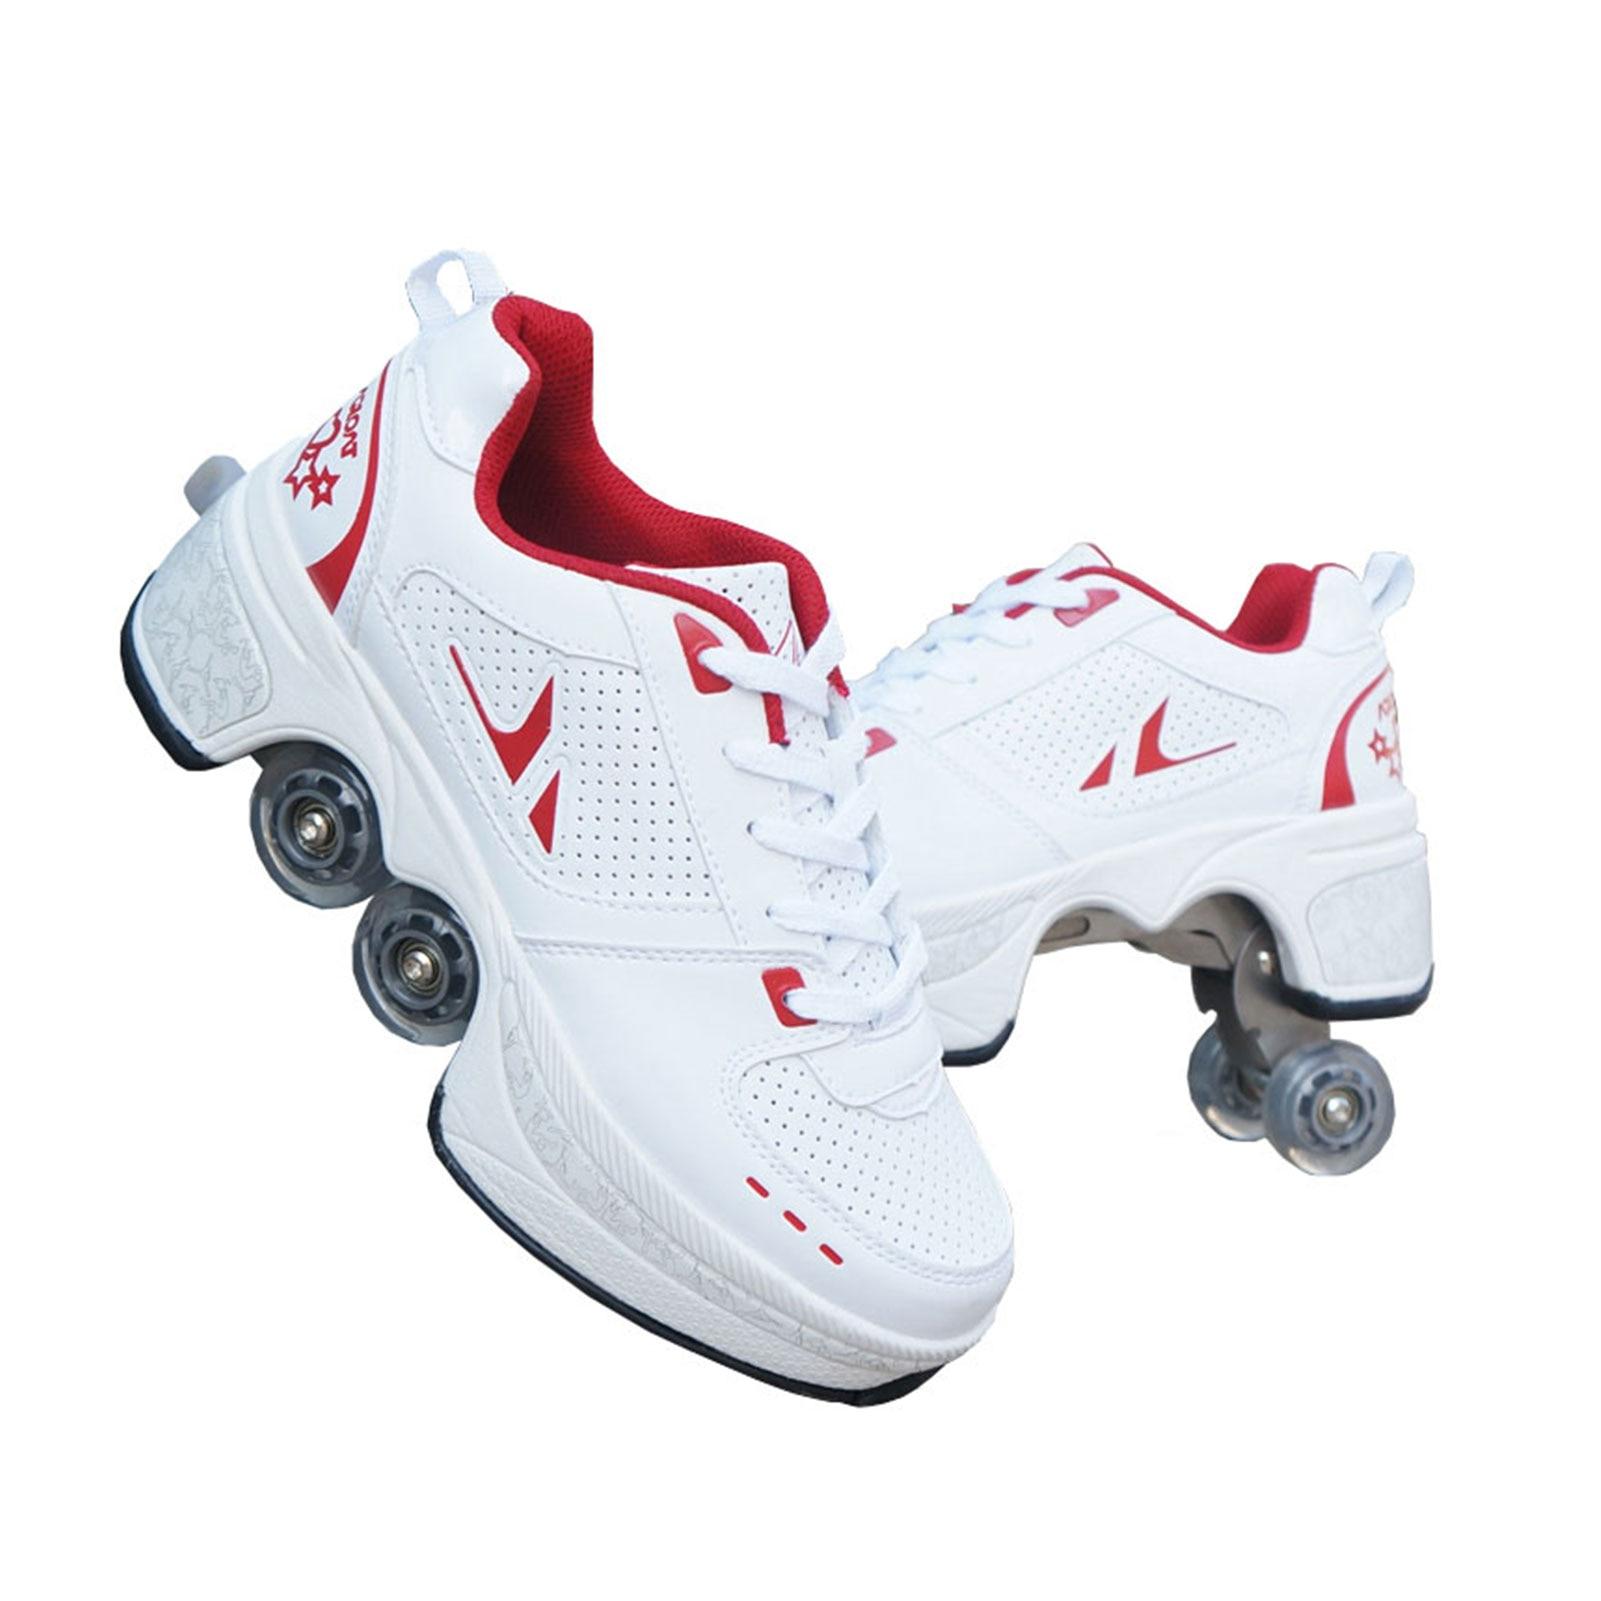 Deformation Shoes Adult Heely Walking Shoes Children's Students Roller Skates Blasting Shoes Skateboard Shoes Skating Size 31-43 enlarge